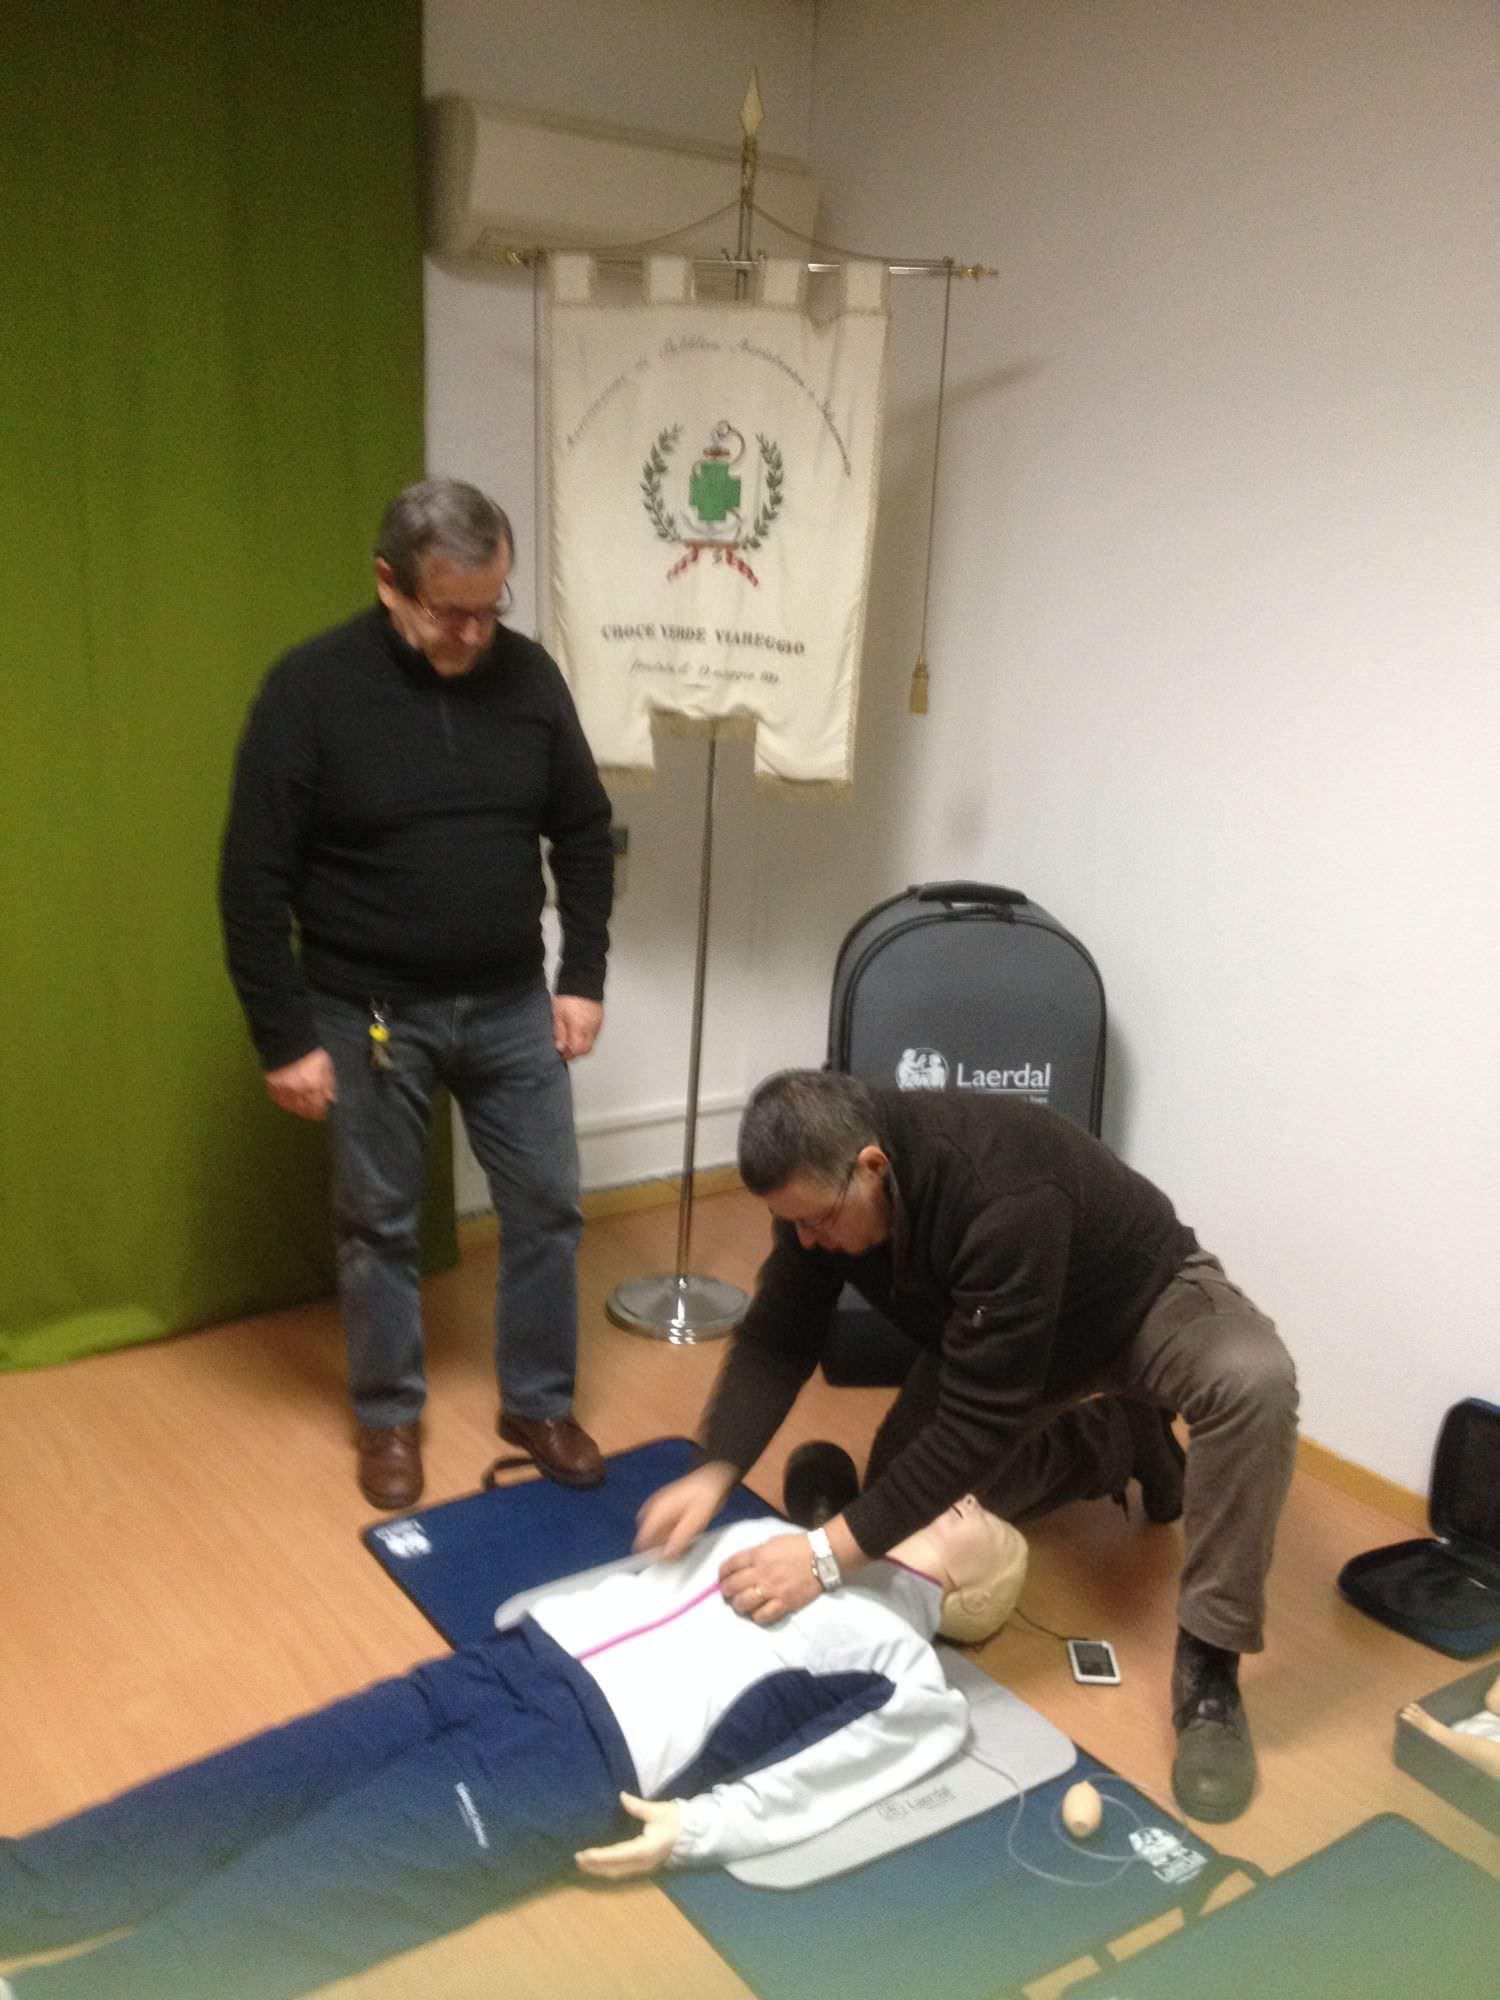 Donazione dalla Fosber spa alla Croce Verde di nuove attrezzature